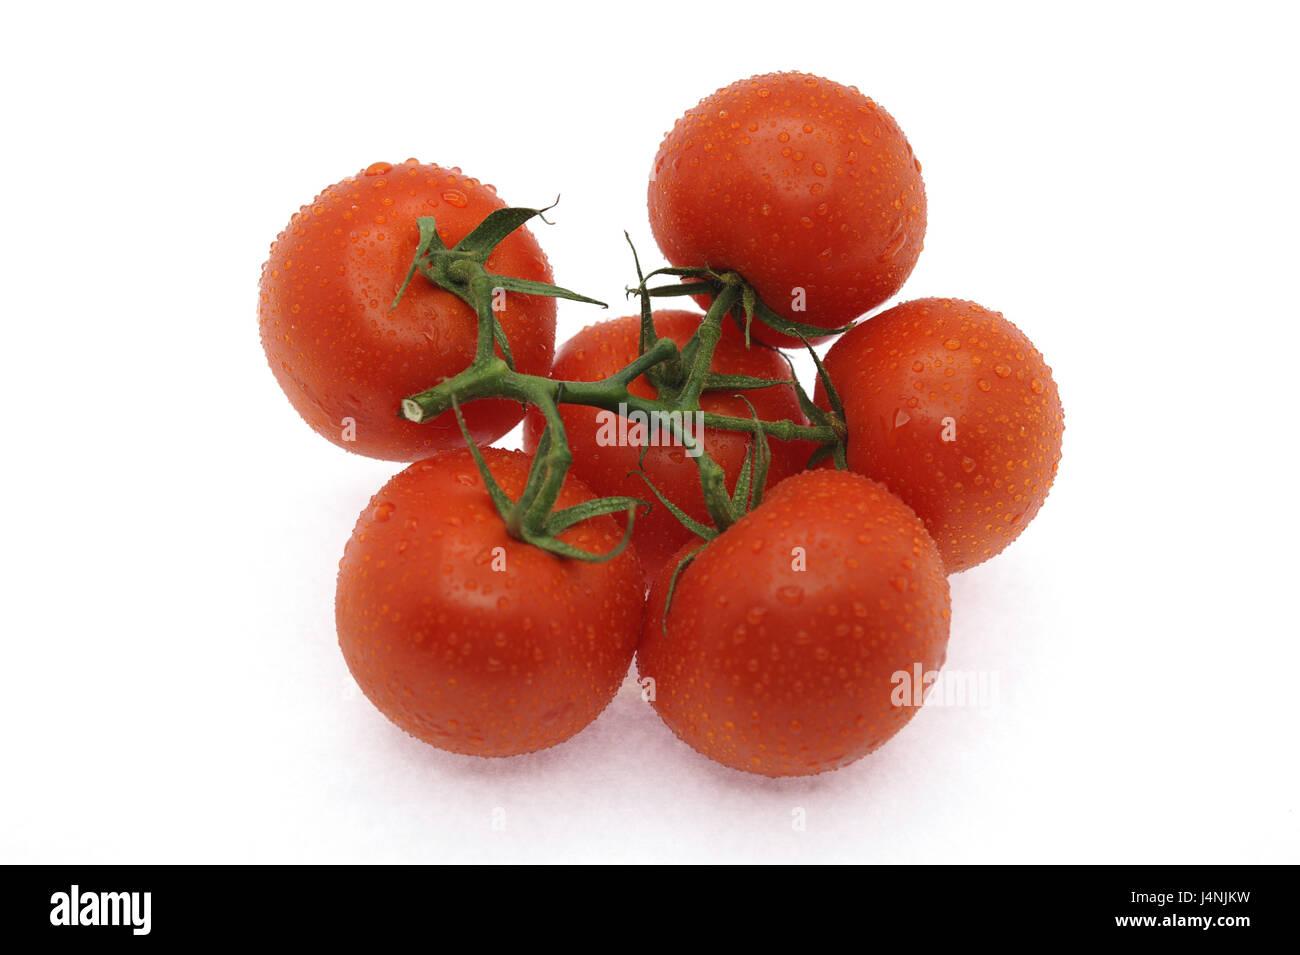 Shrub tomatoes, Solanum lycopersicum, - Stock Image